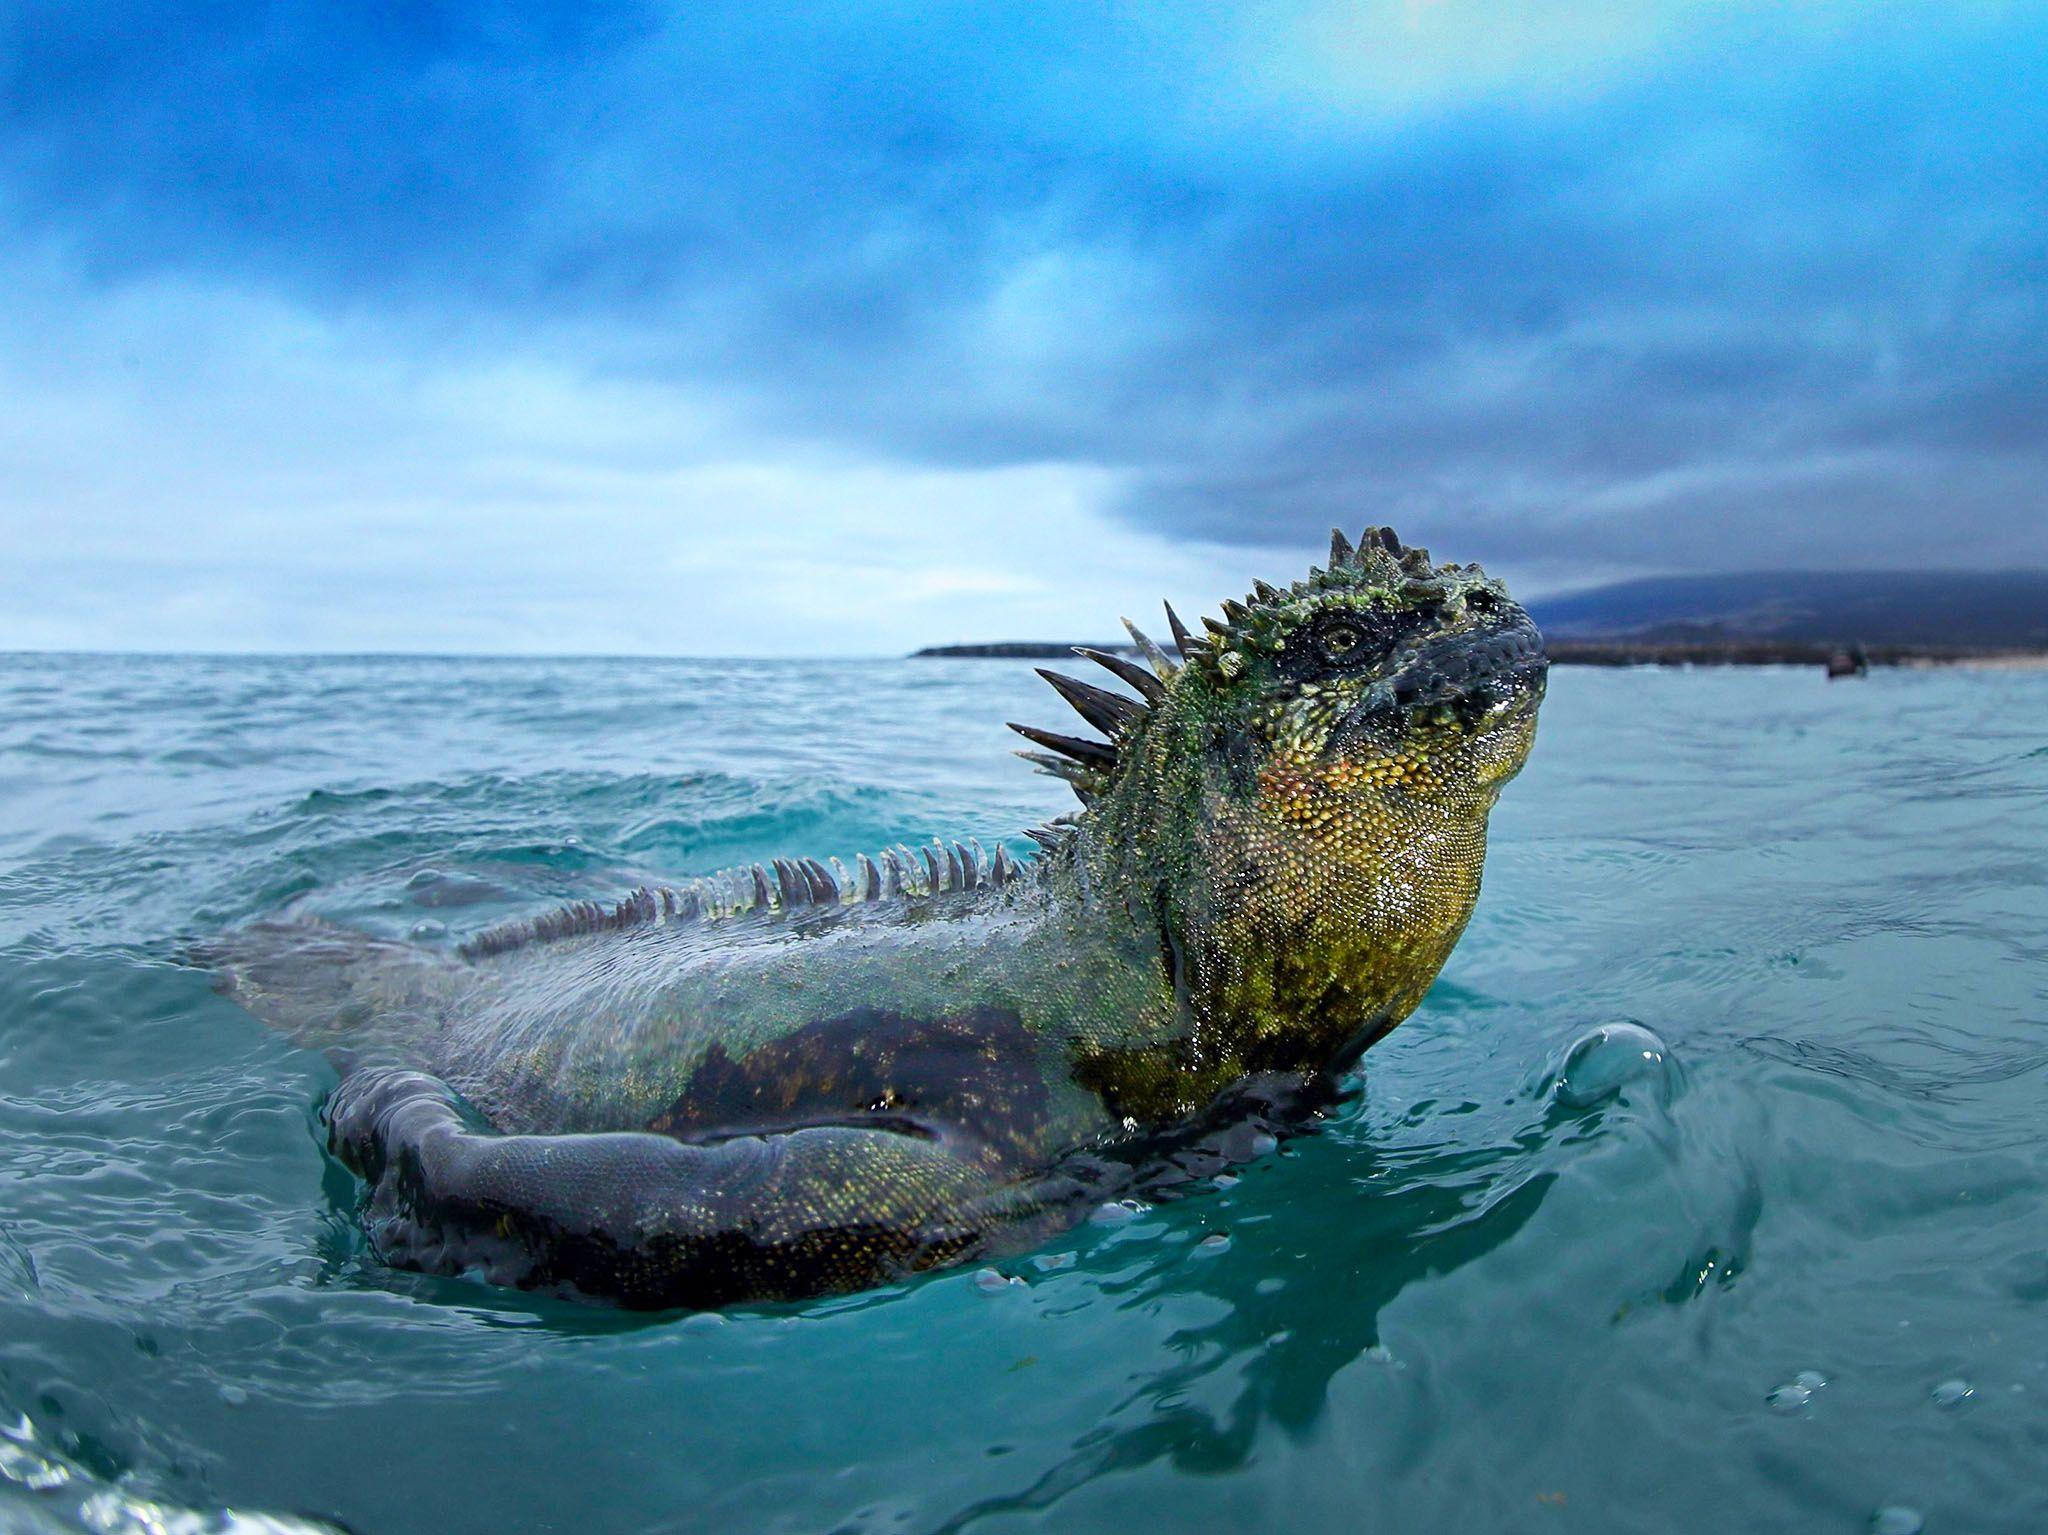 Un'iguana marina nuota verso riva. [Foto del giorno - gennaio 2017]